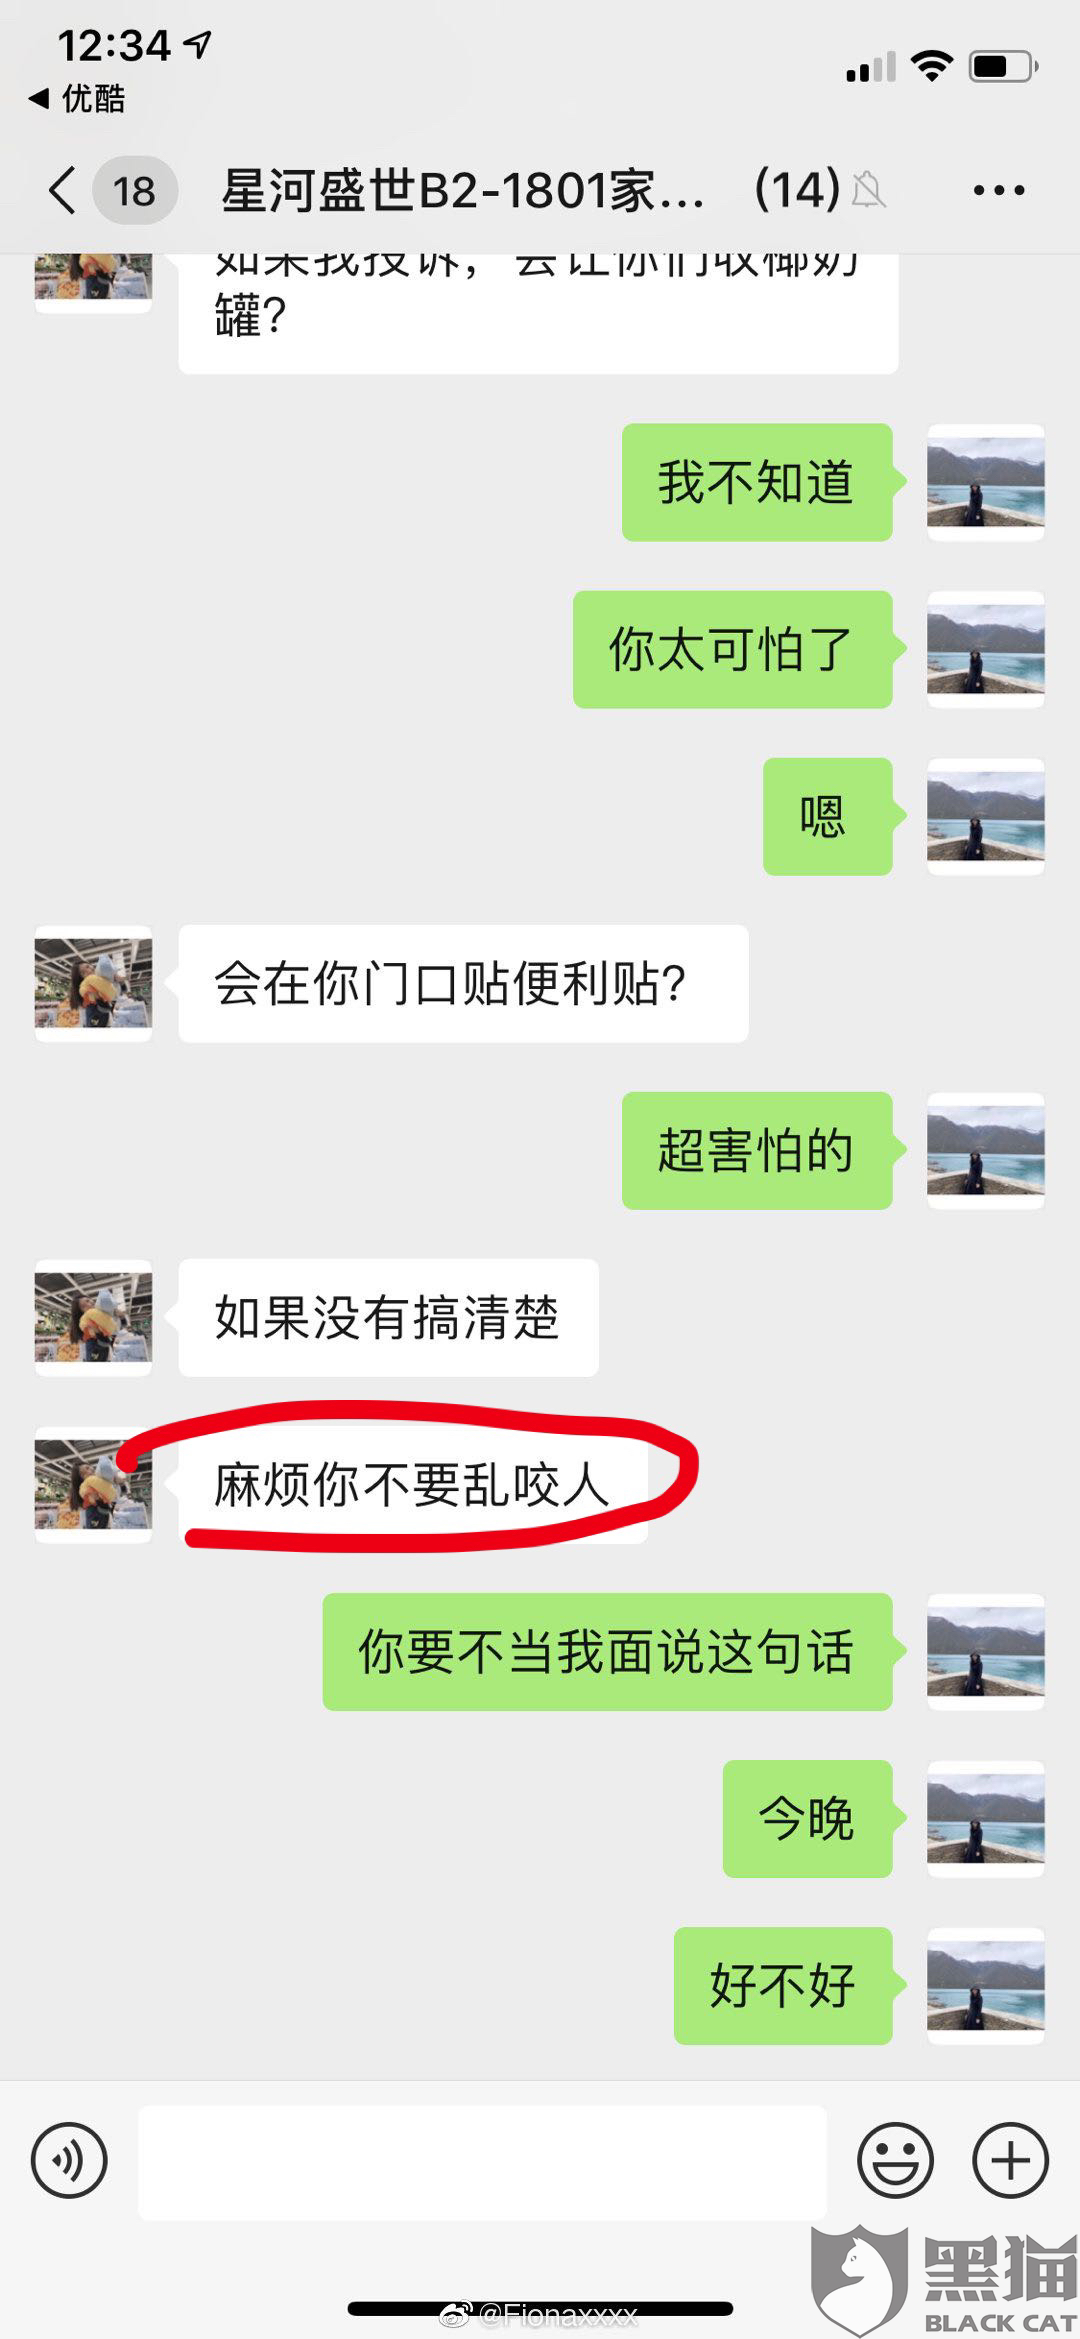 黑猫投诉:深圳龙华自如管家耿亮辱骂租客 针对我